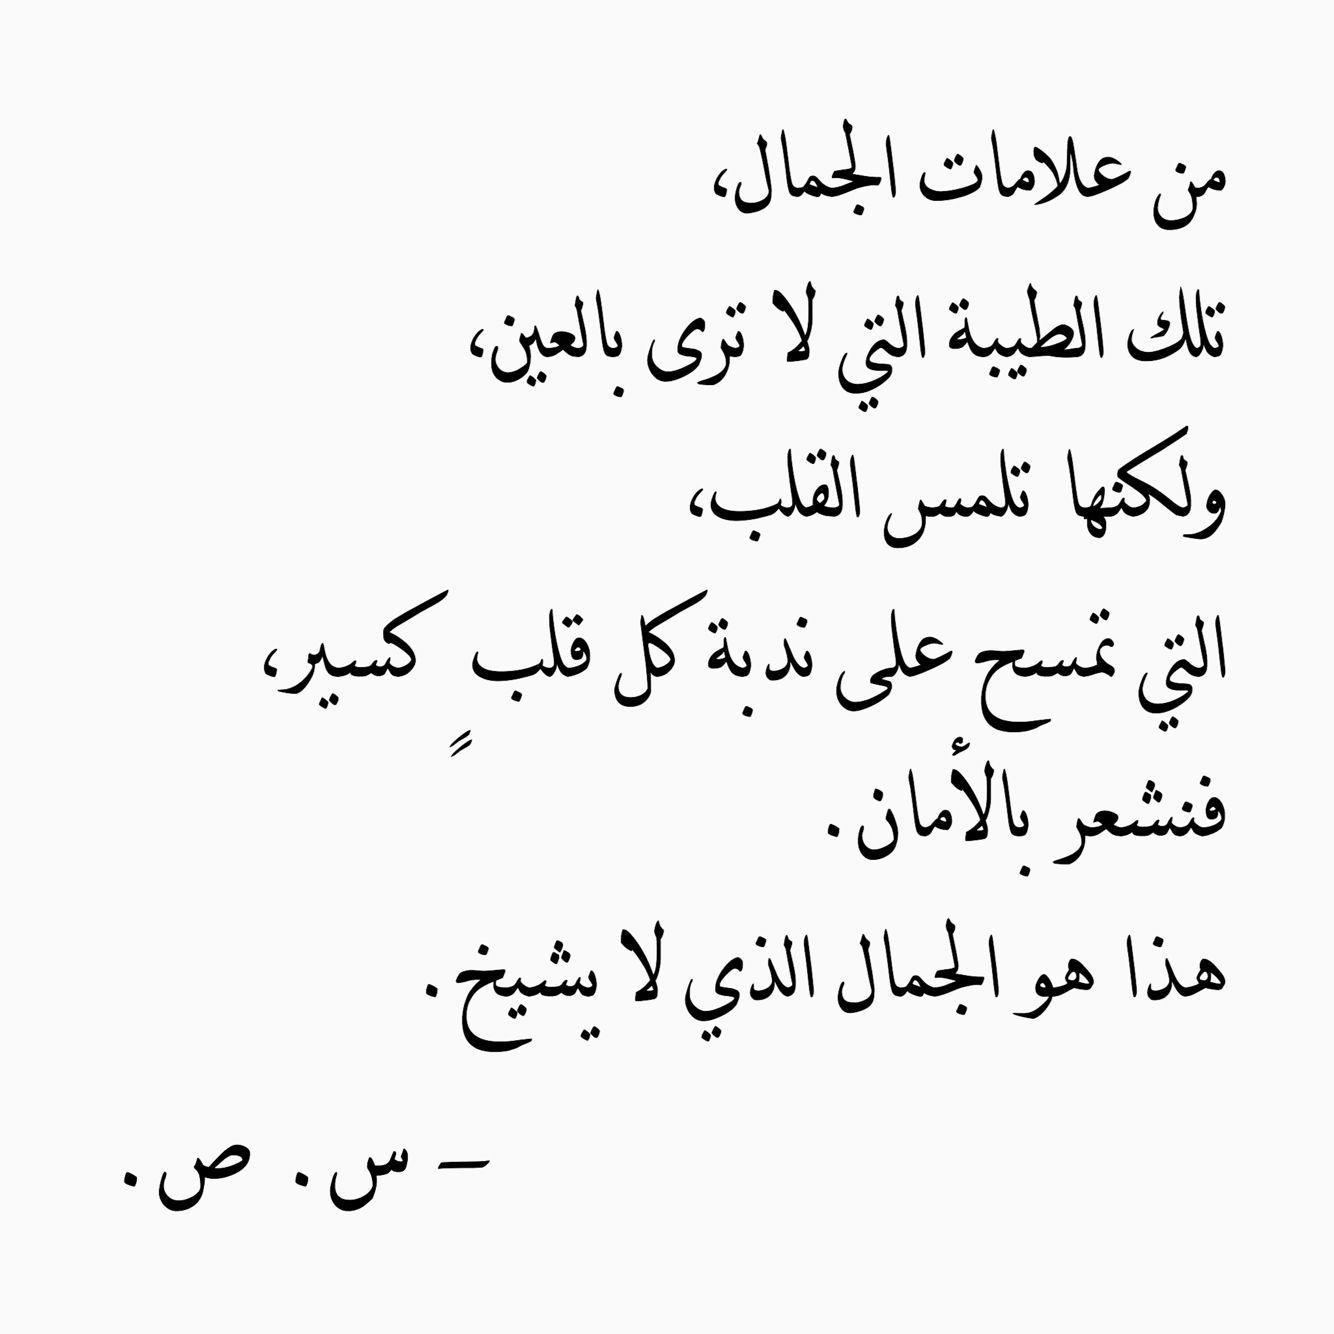 لن عيد تعريف الجمال كي تكون الروح أجمل ما نراه في البشر Words Quotes True Quotes Wisdom Quotes